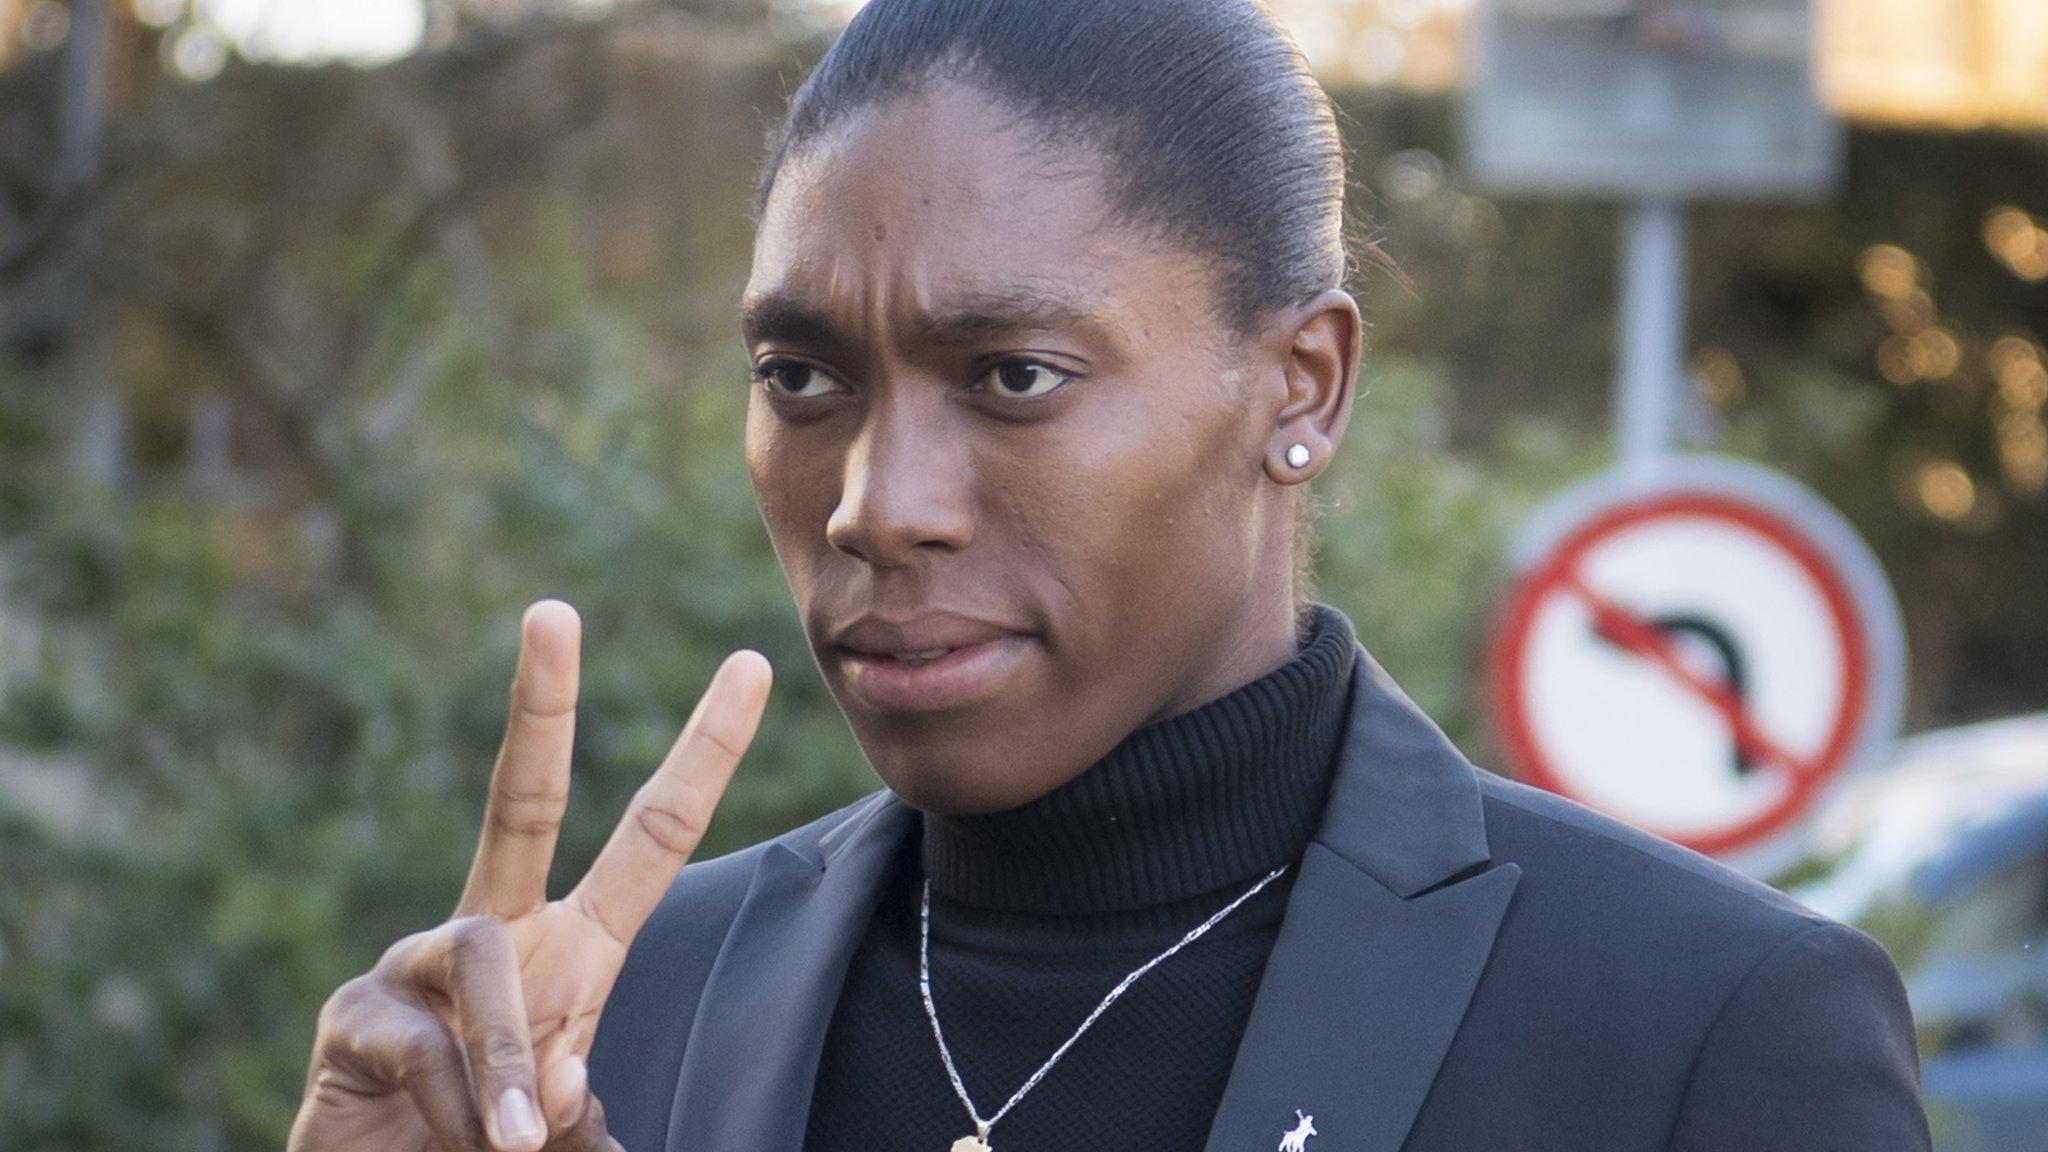 Caster Semenya: South African runner's appeal against IAAF rule begins